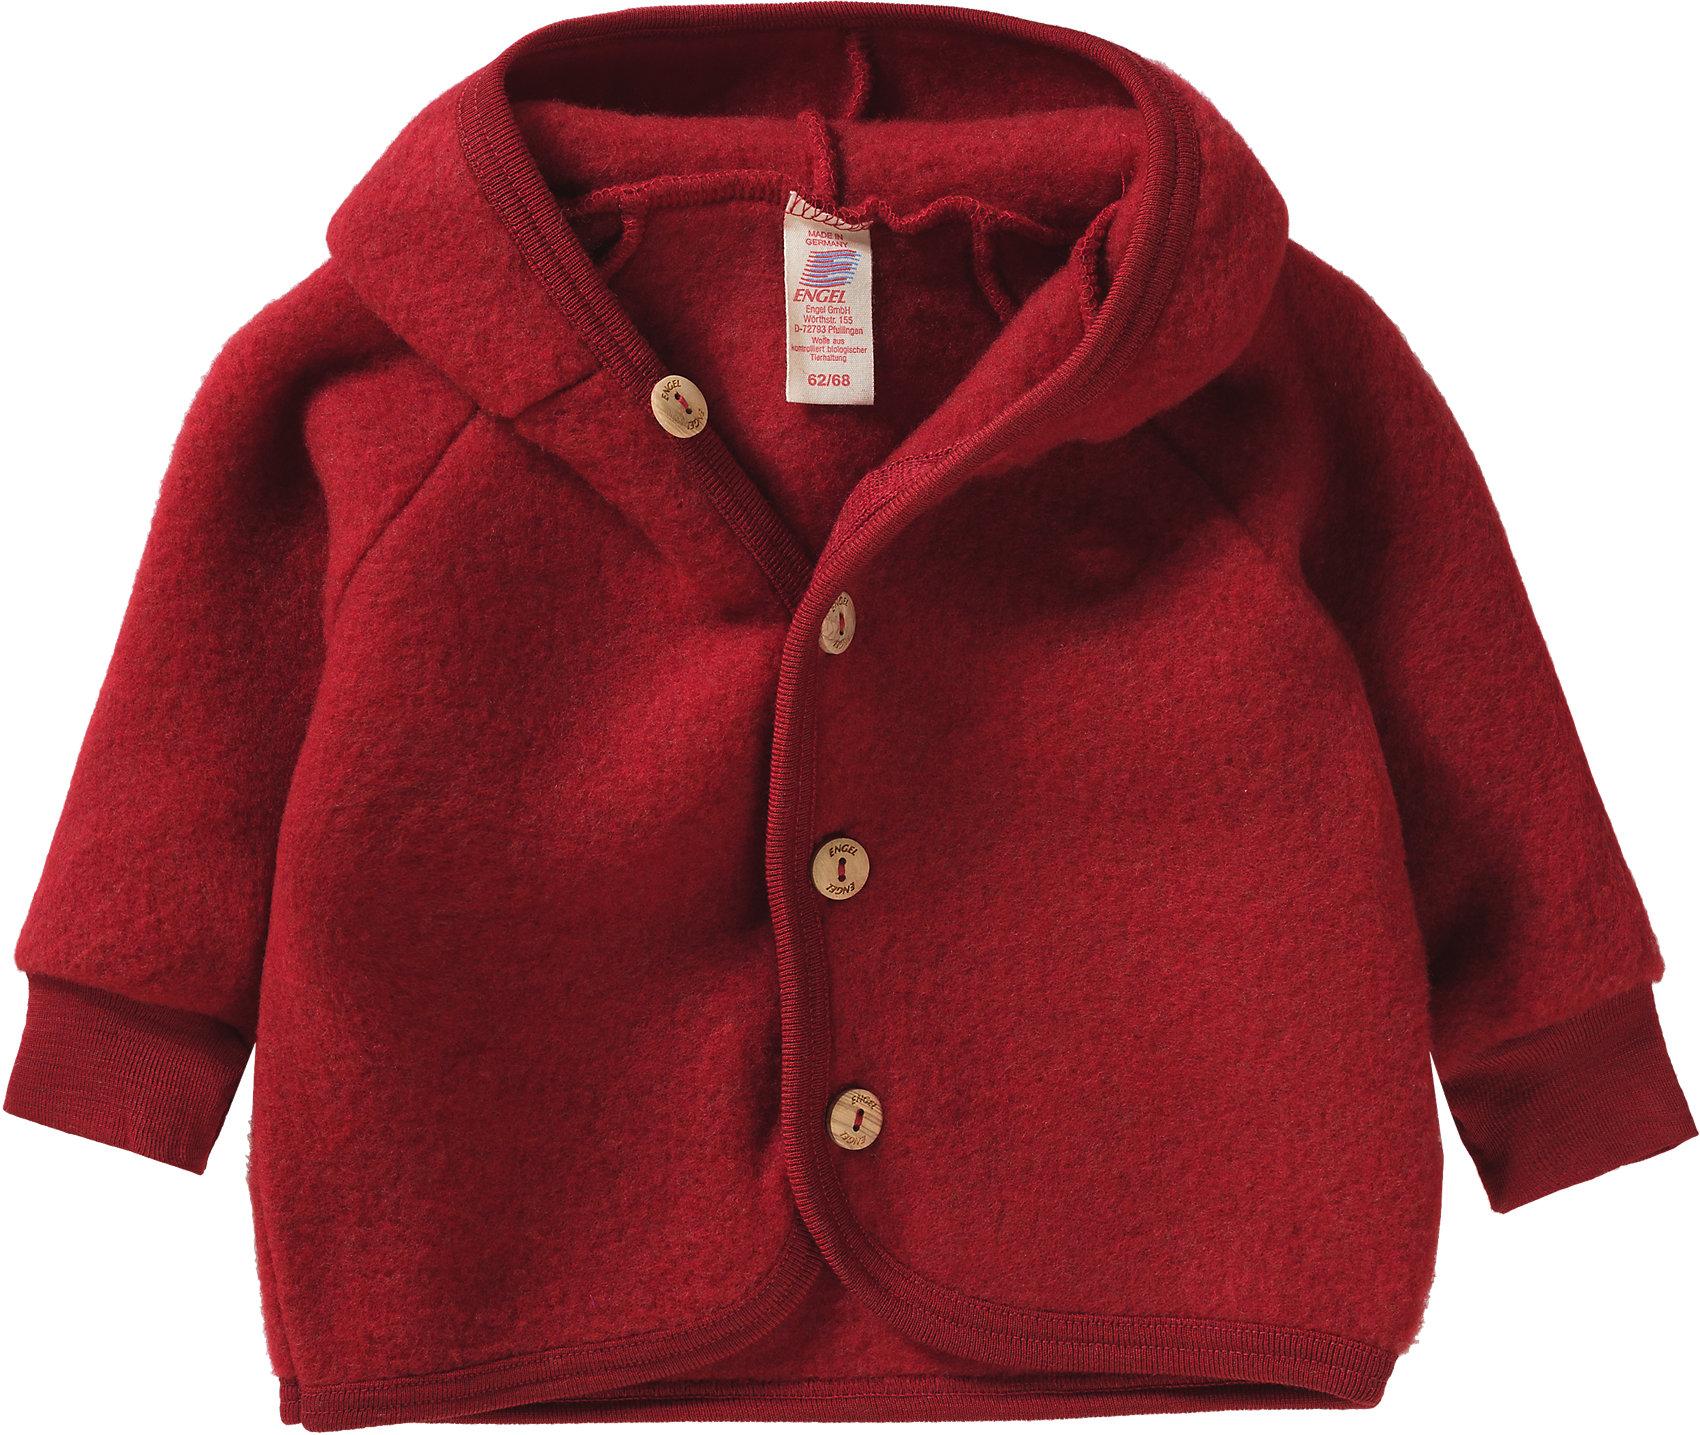 Neu ENGEL Baby Wollfleece Jacke mit Kapuze 5811663 für Jungen und Mädchen